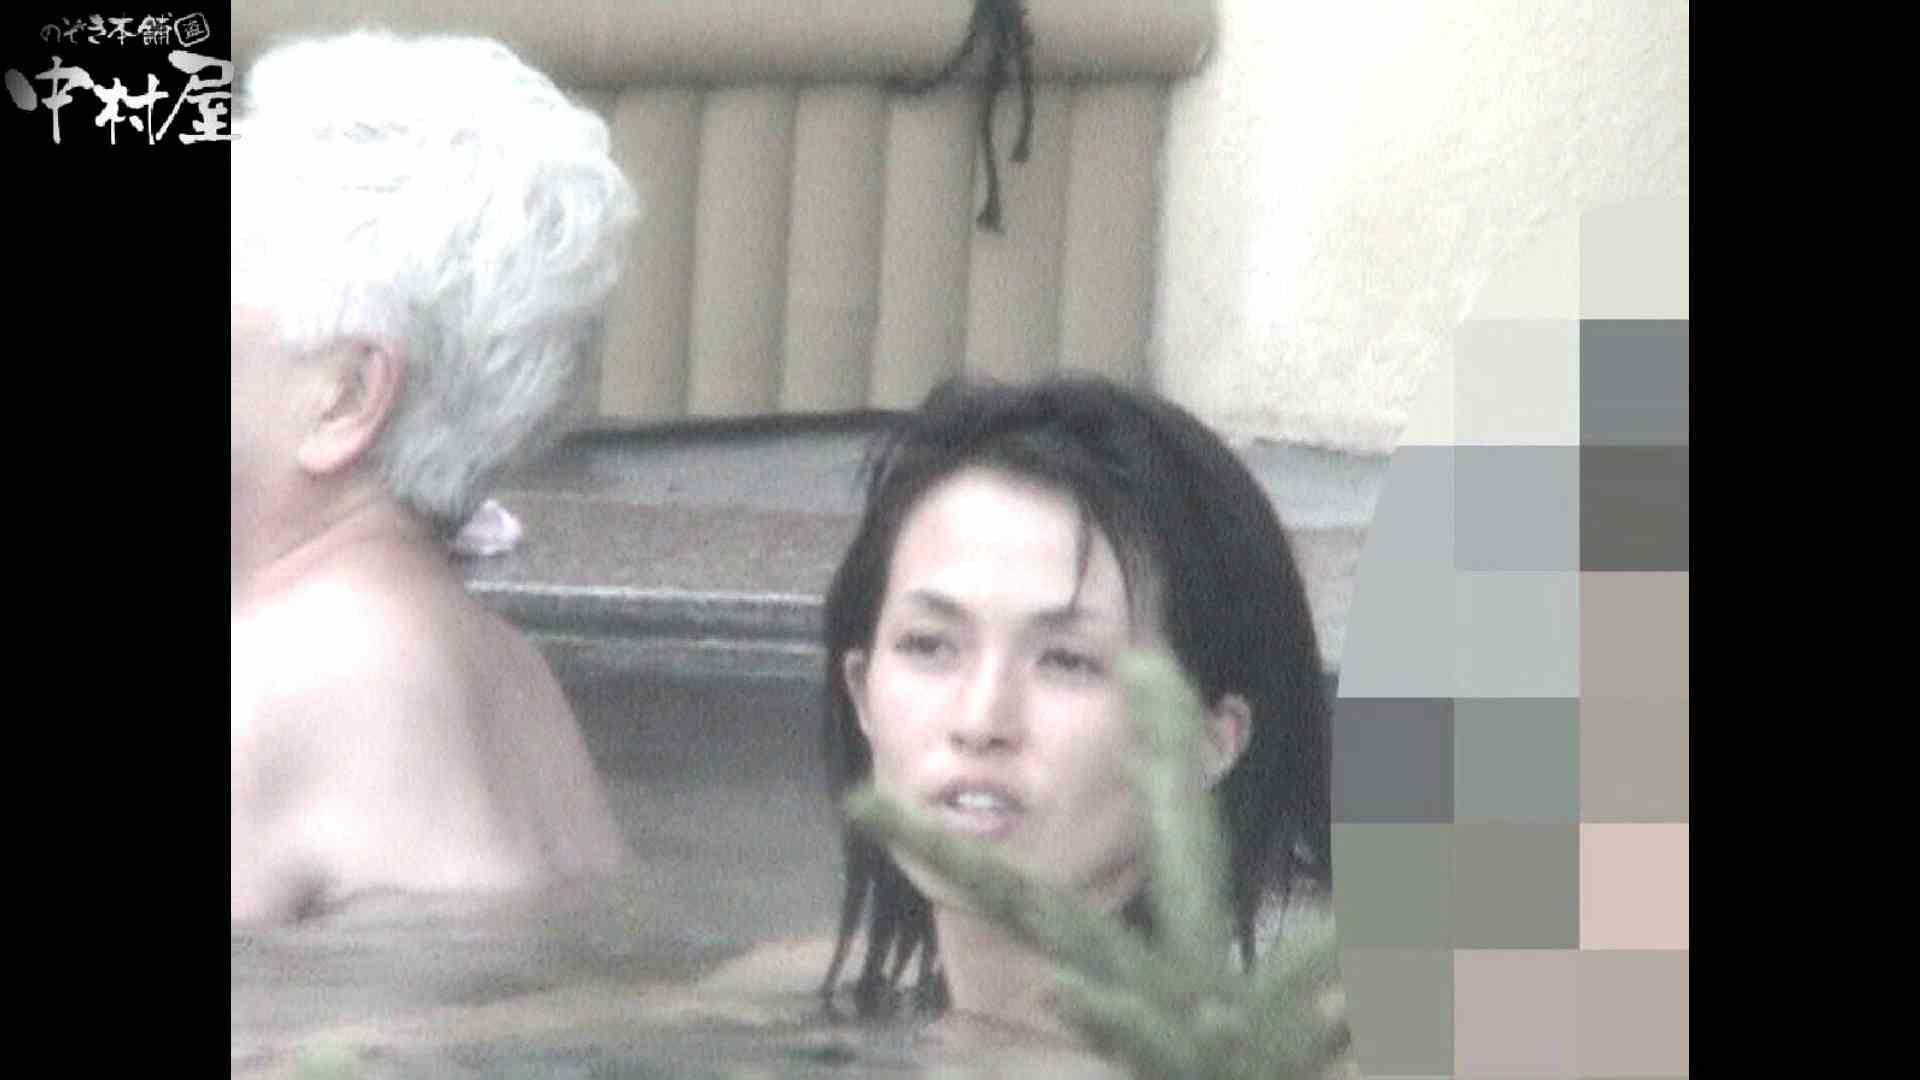 Aquaな露天風呂Vol.933 OLエロ画像  78PICs 78